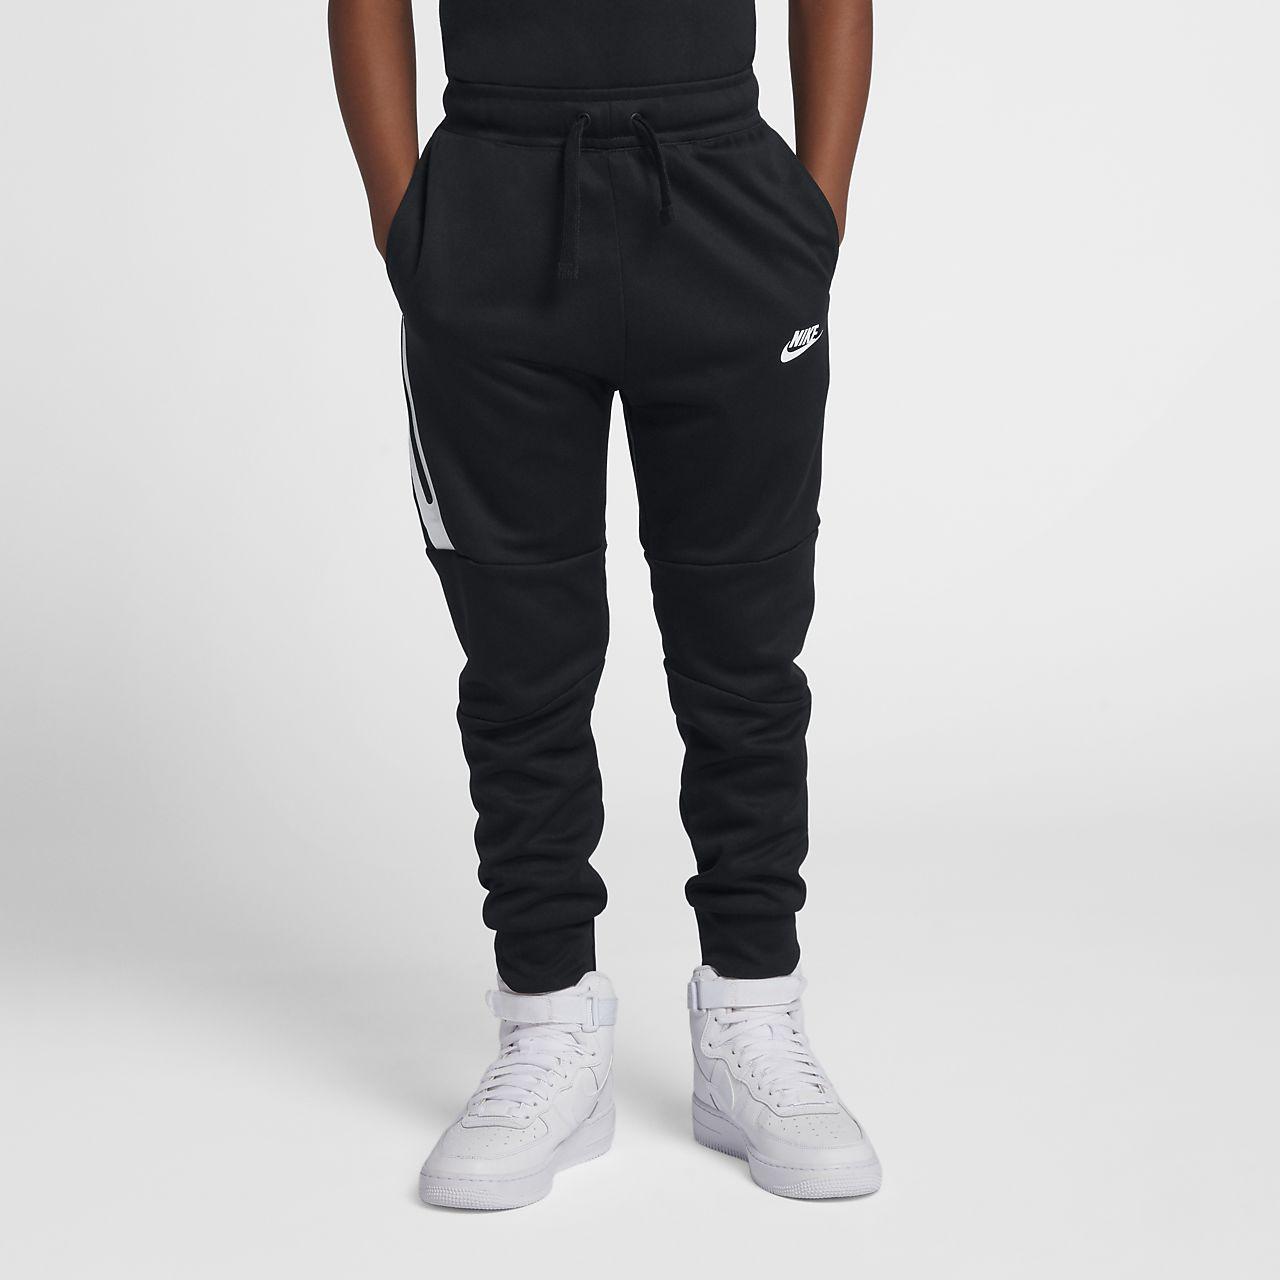 813753107 Calças Nike Sportswear Tech Fleece Júnior (Rapaz). Nike.com PT